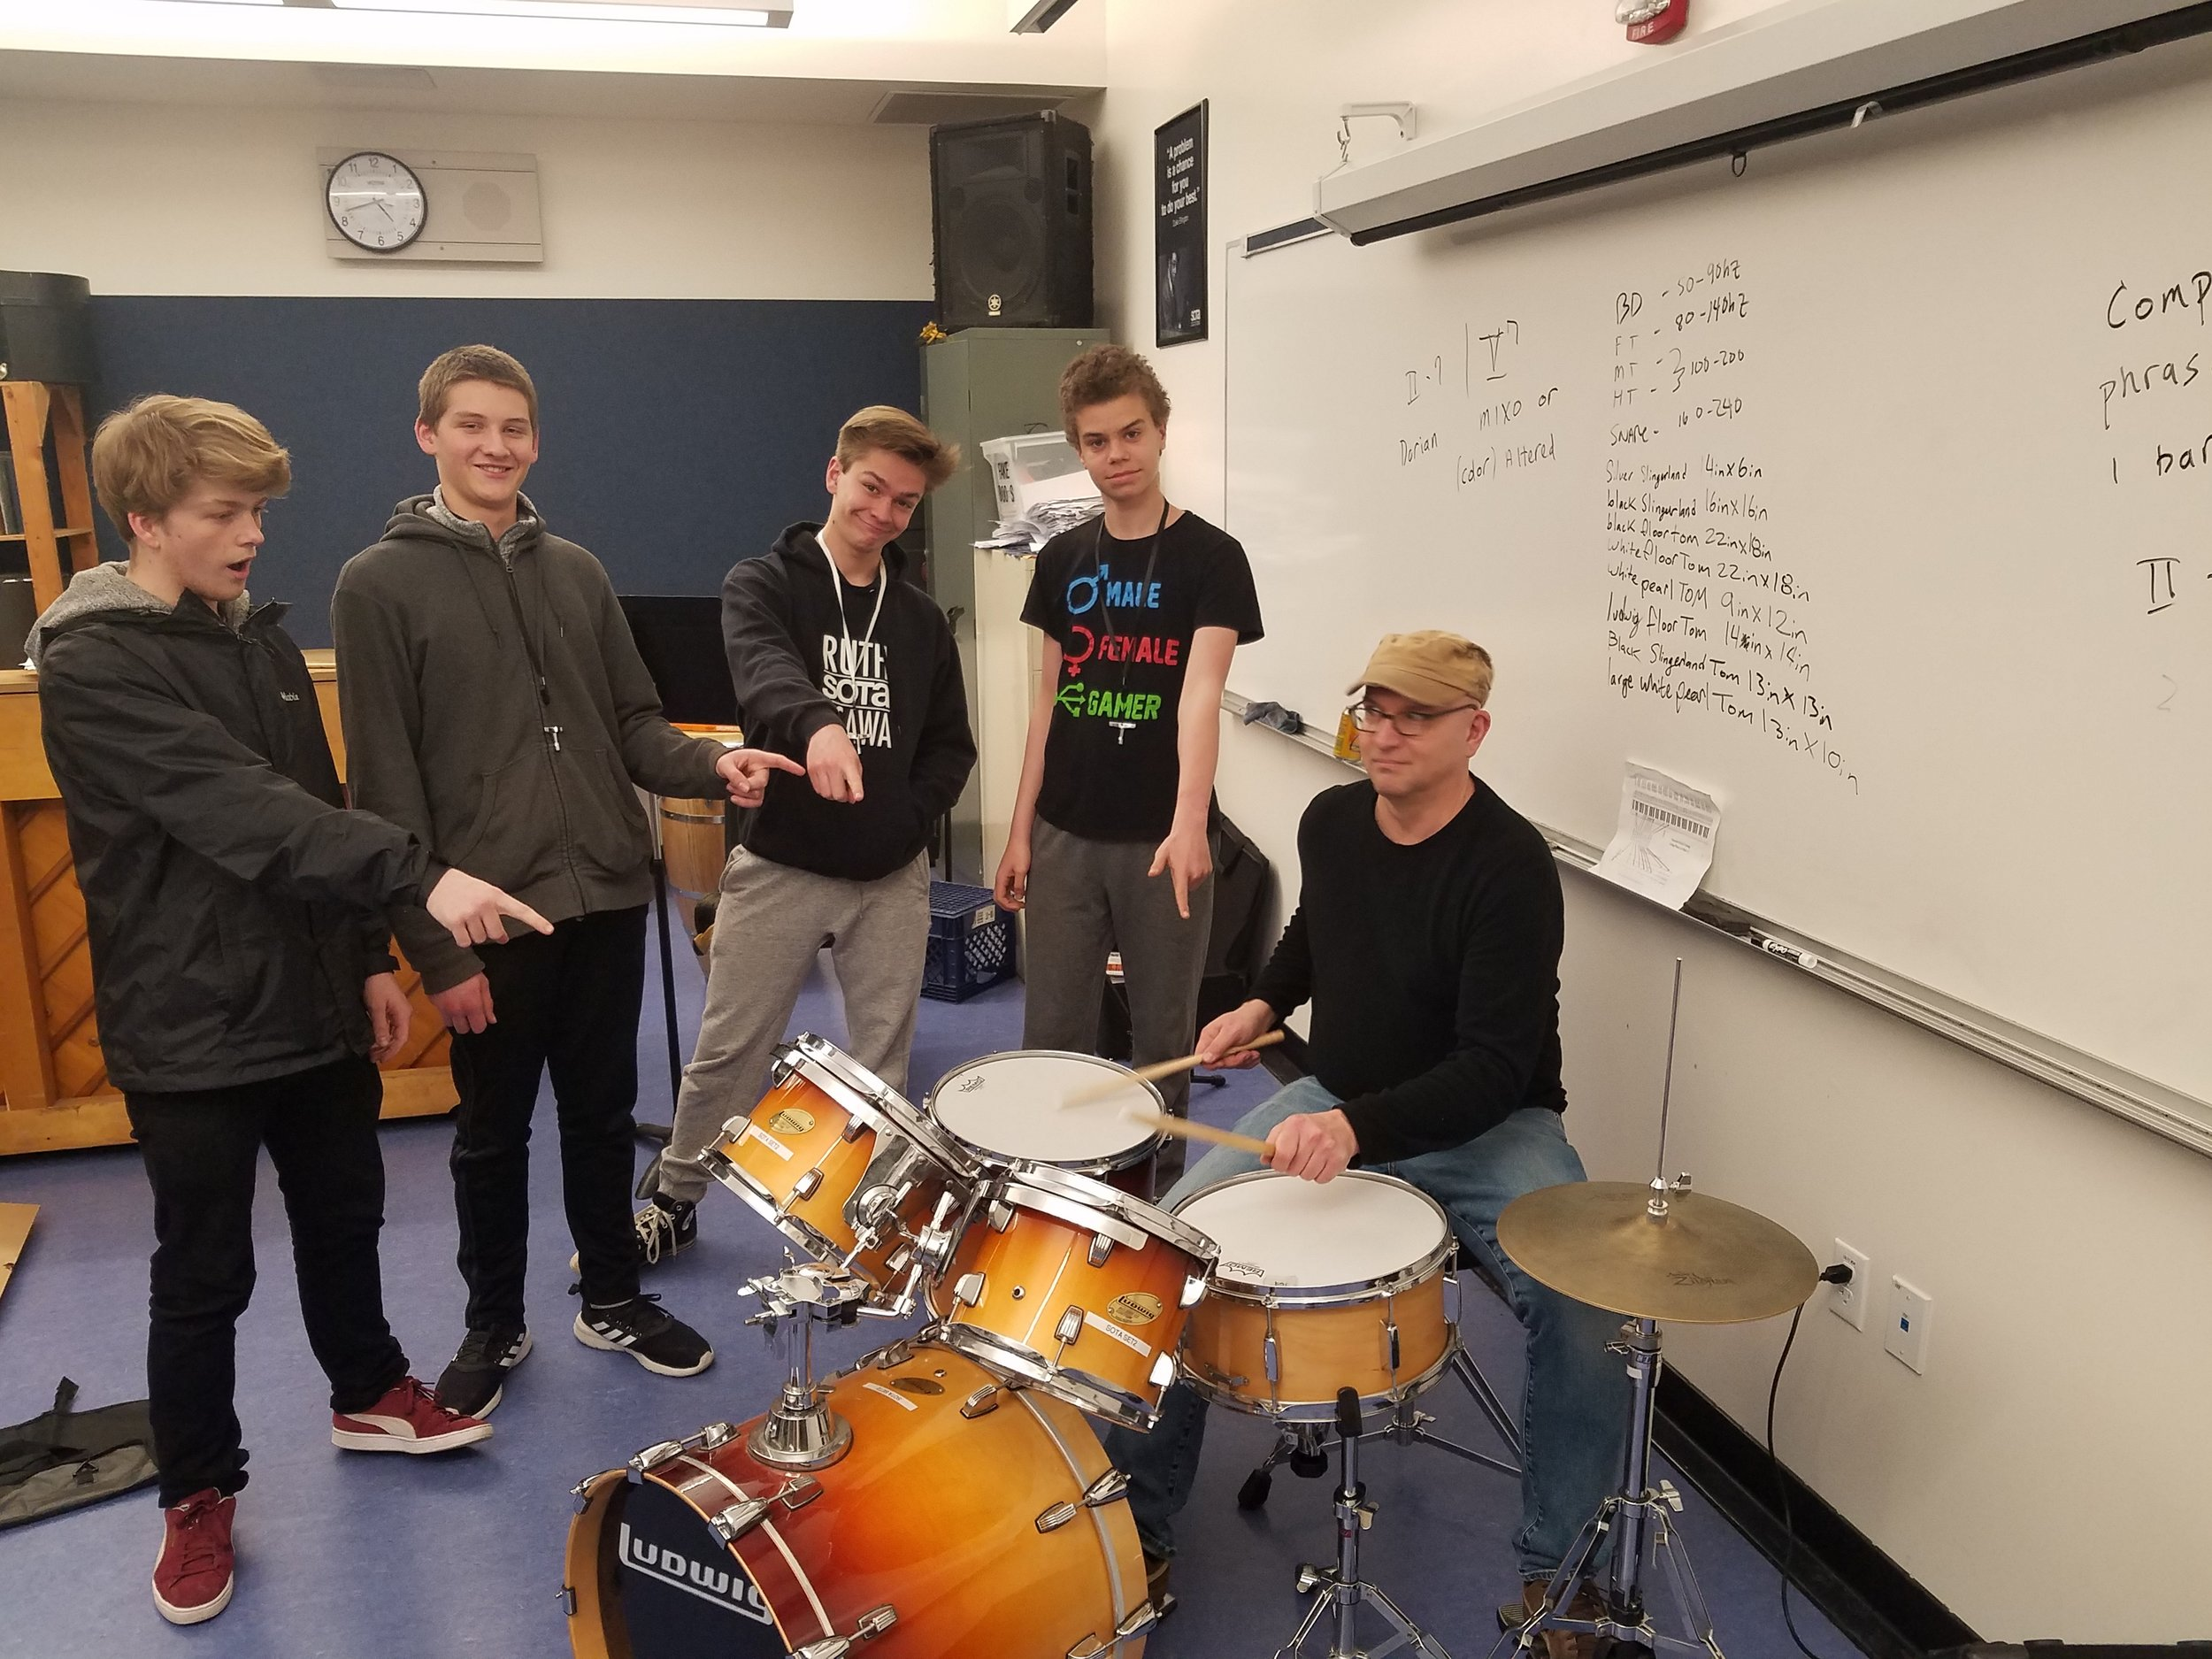 Drums copy.jpg